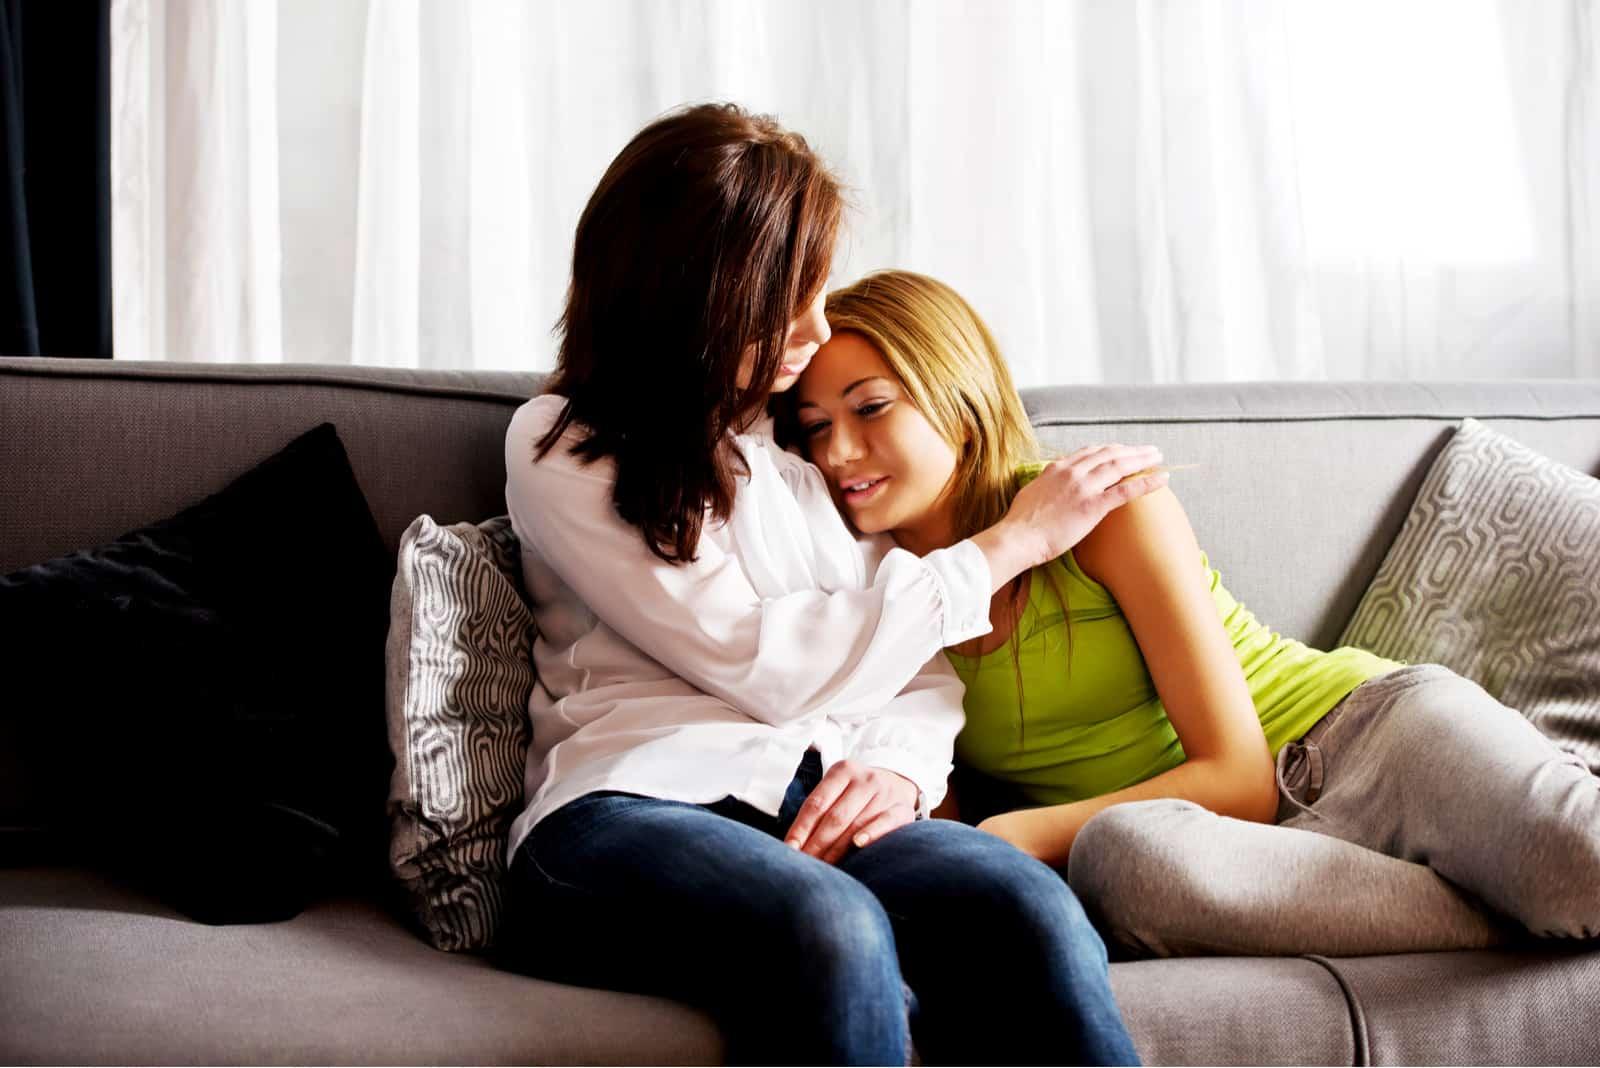 la mère a embrassé sa fille sur le canapé